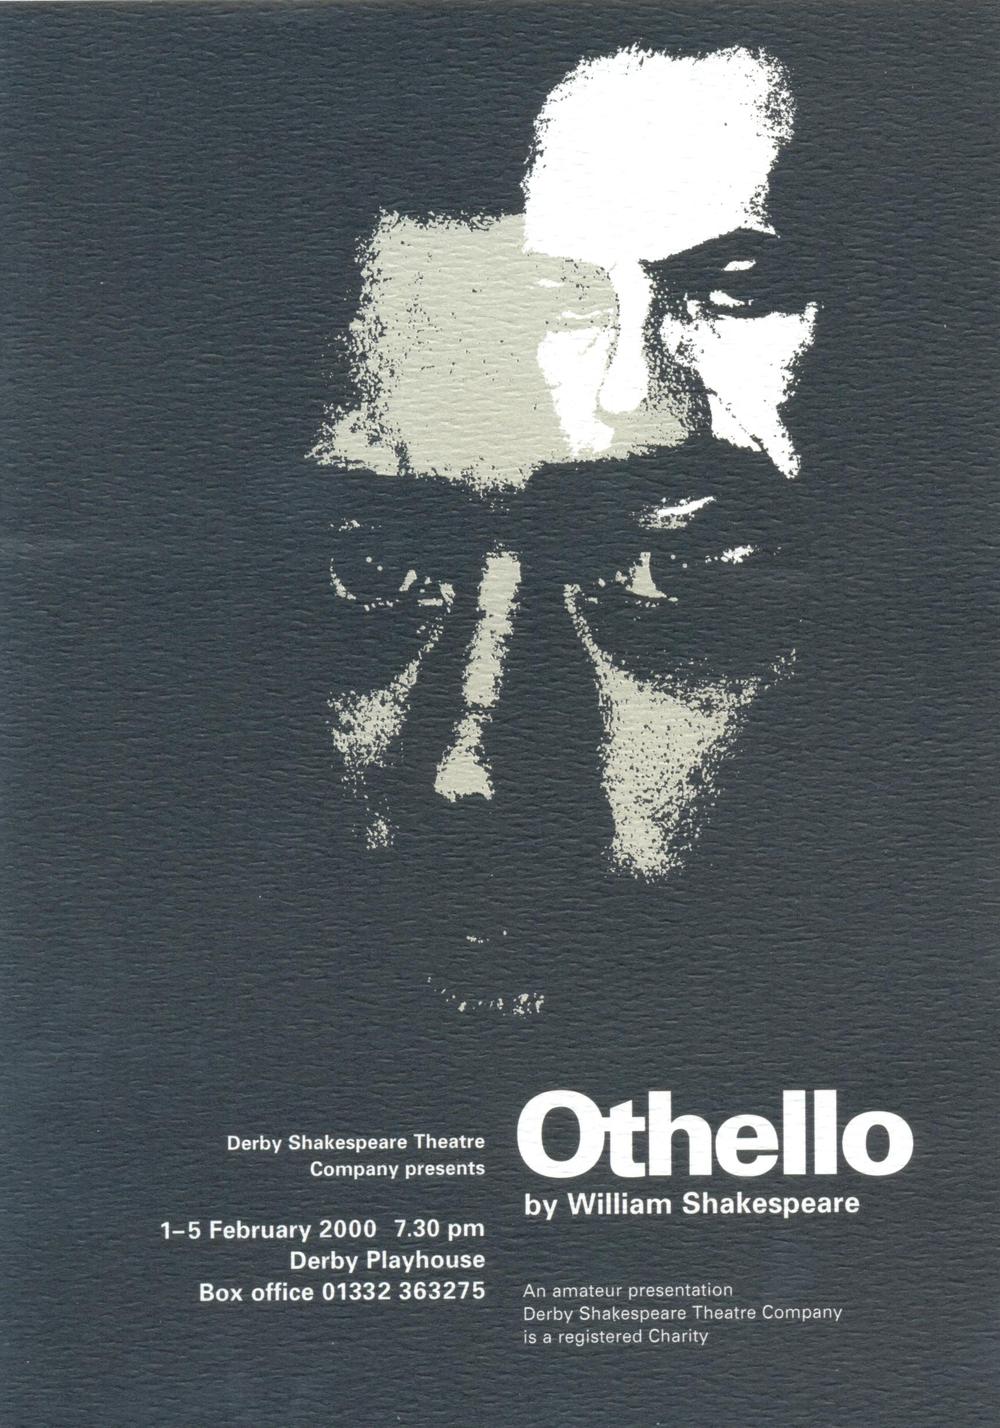 'Othello' 2000